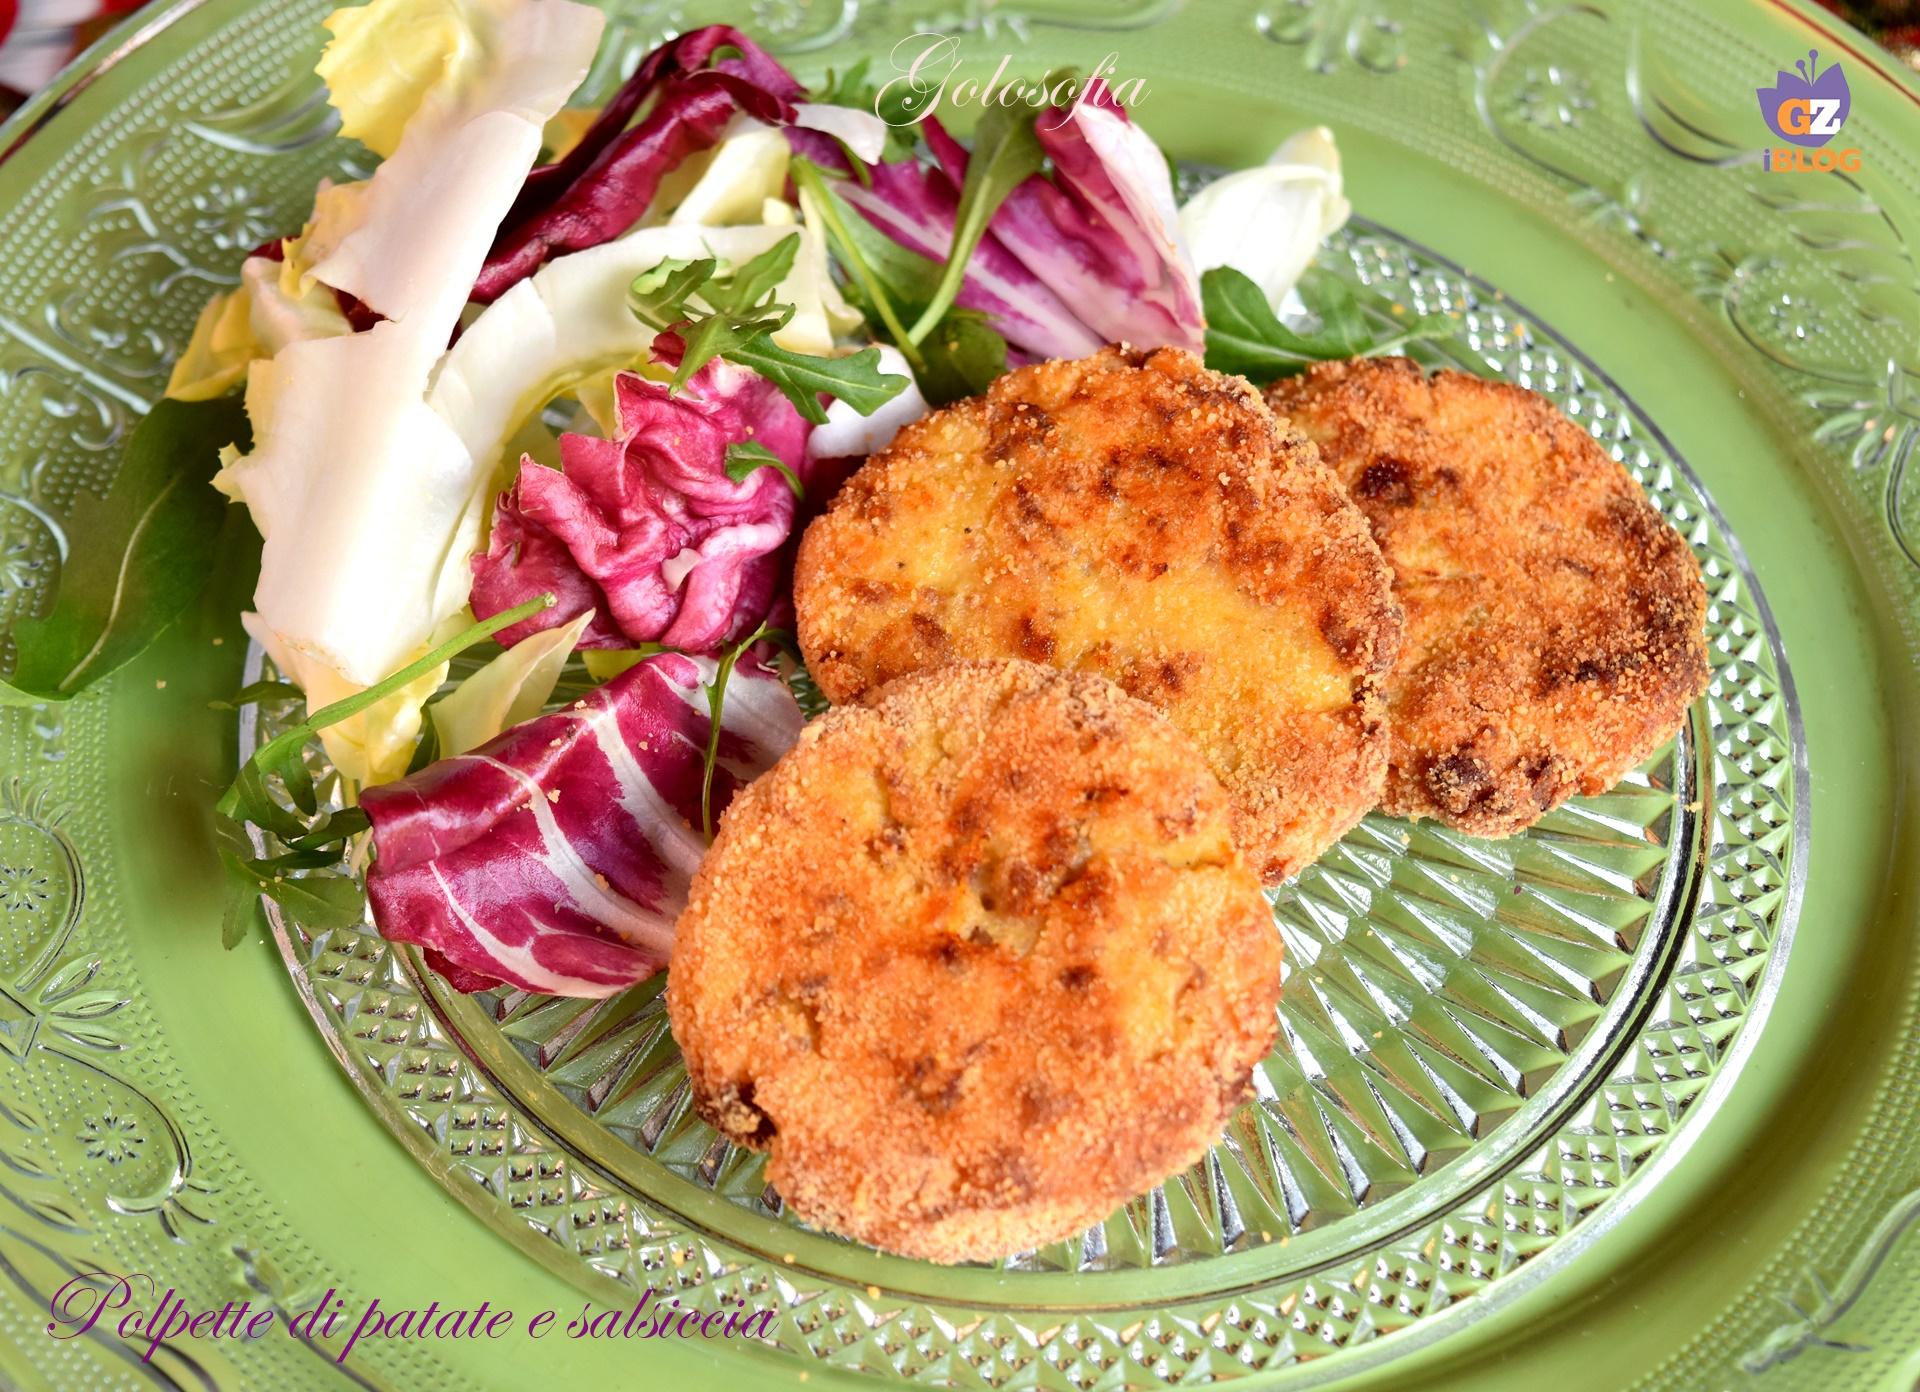 Polpette di patate e salsiccia, ricetta al forno gustosissima